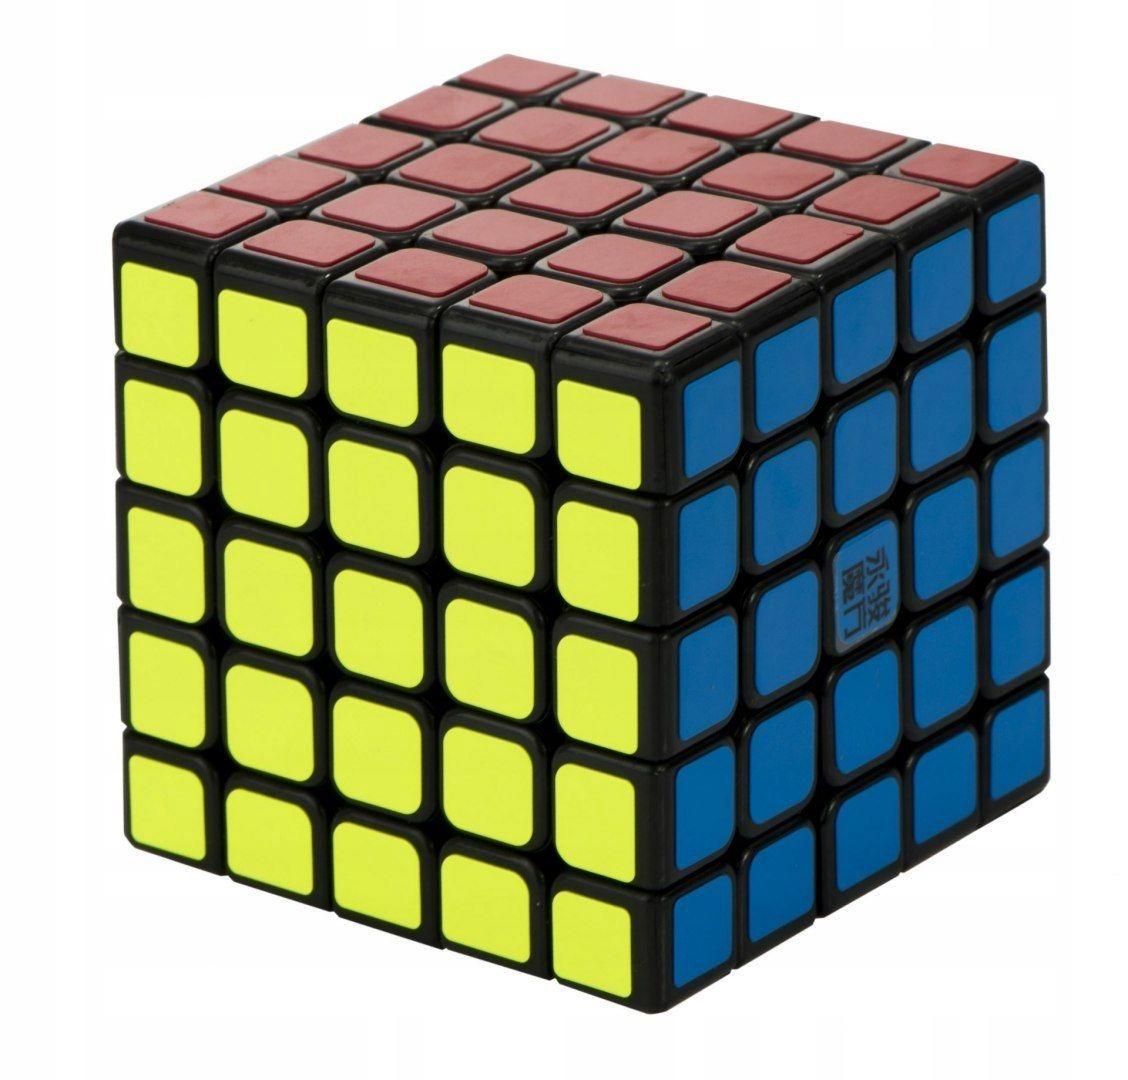 Gra logiczna Kostka łamigłówka 5x5 6,35cm